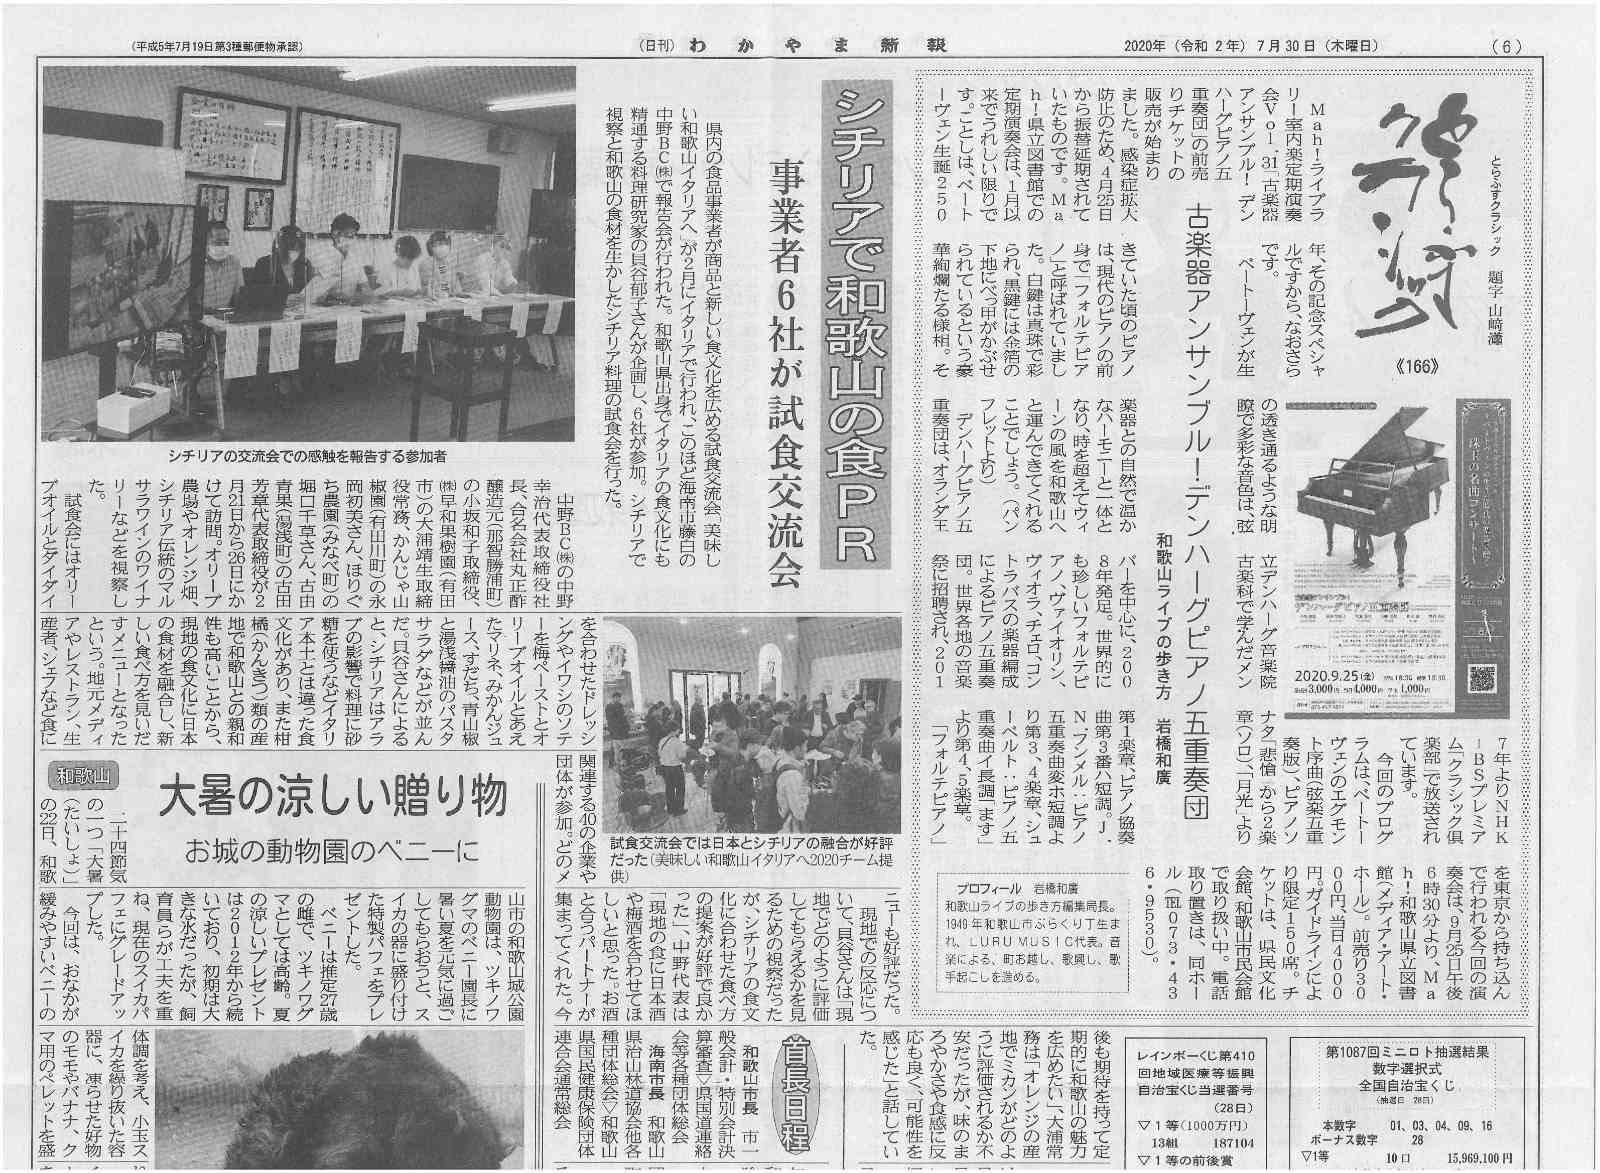 わかやま新報 p6(2020年7月30日発行)